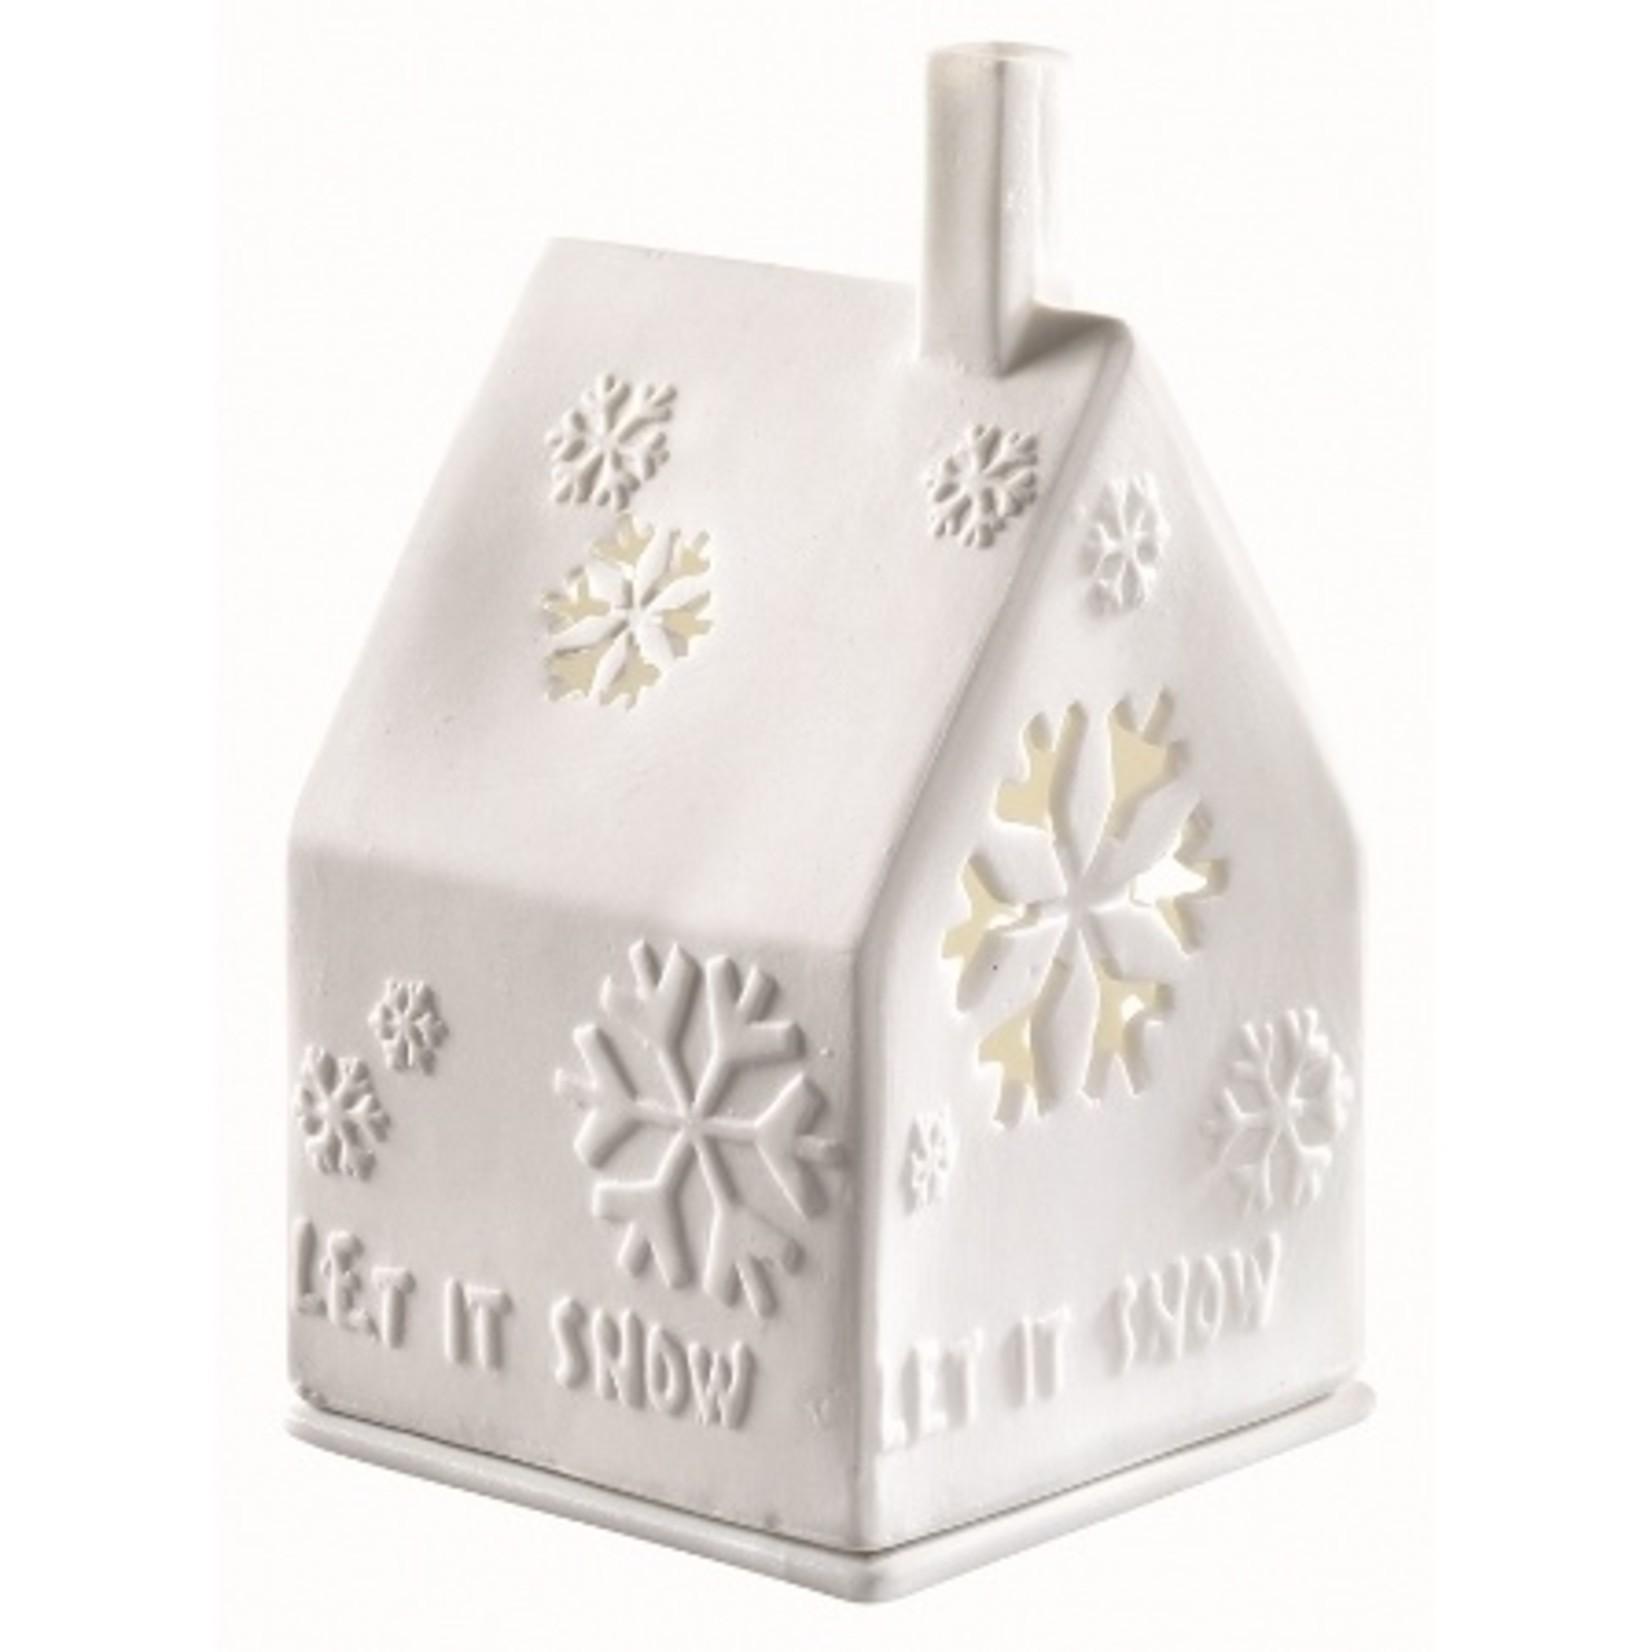 Räder Design Lichthaus Let it snow